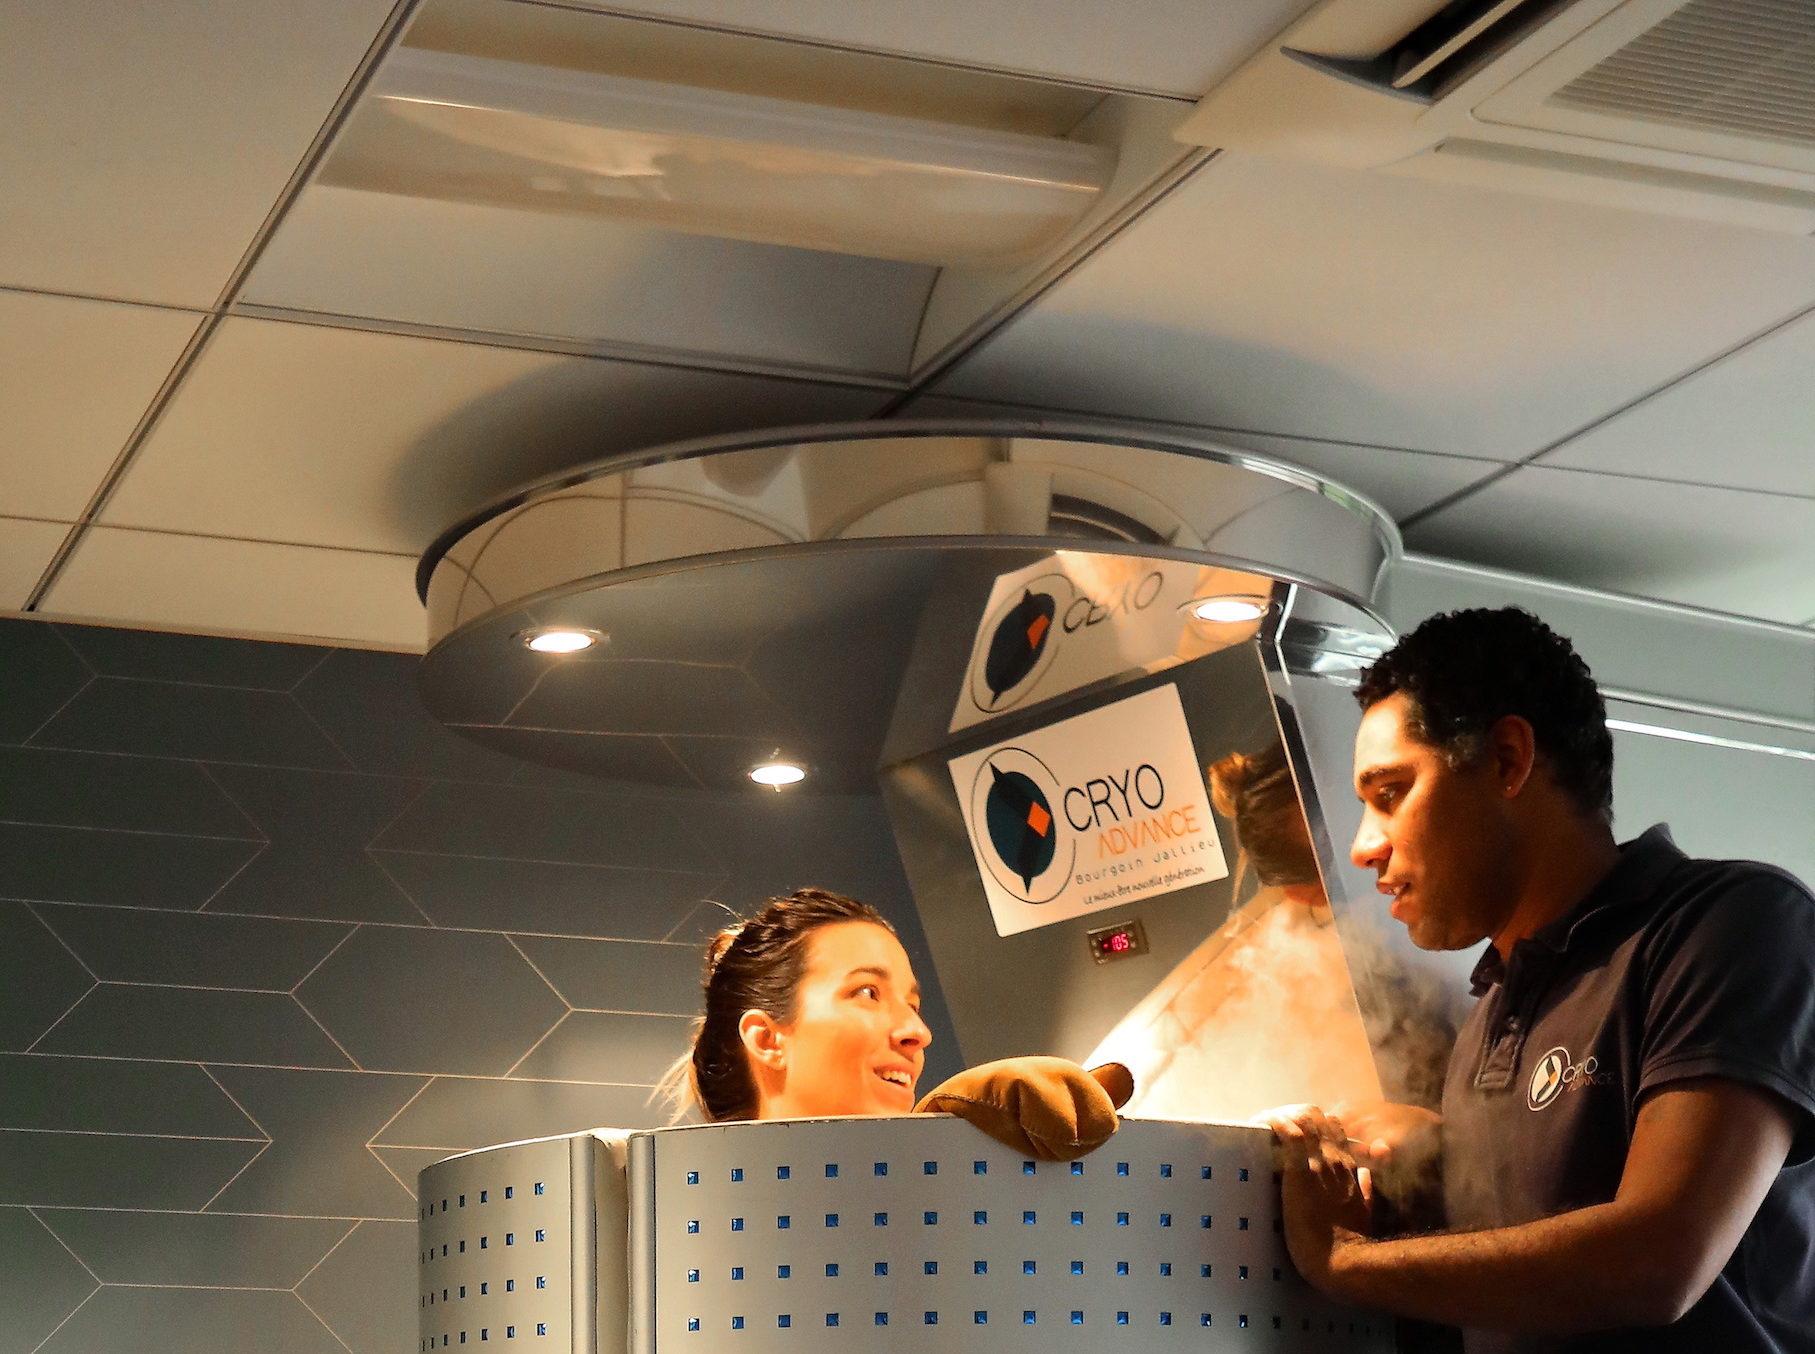 séance de cryothérapie corps entier au centre cryo advance